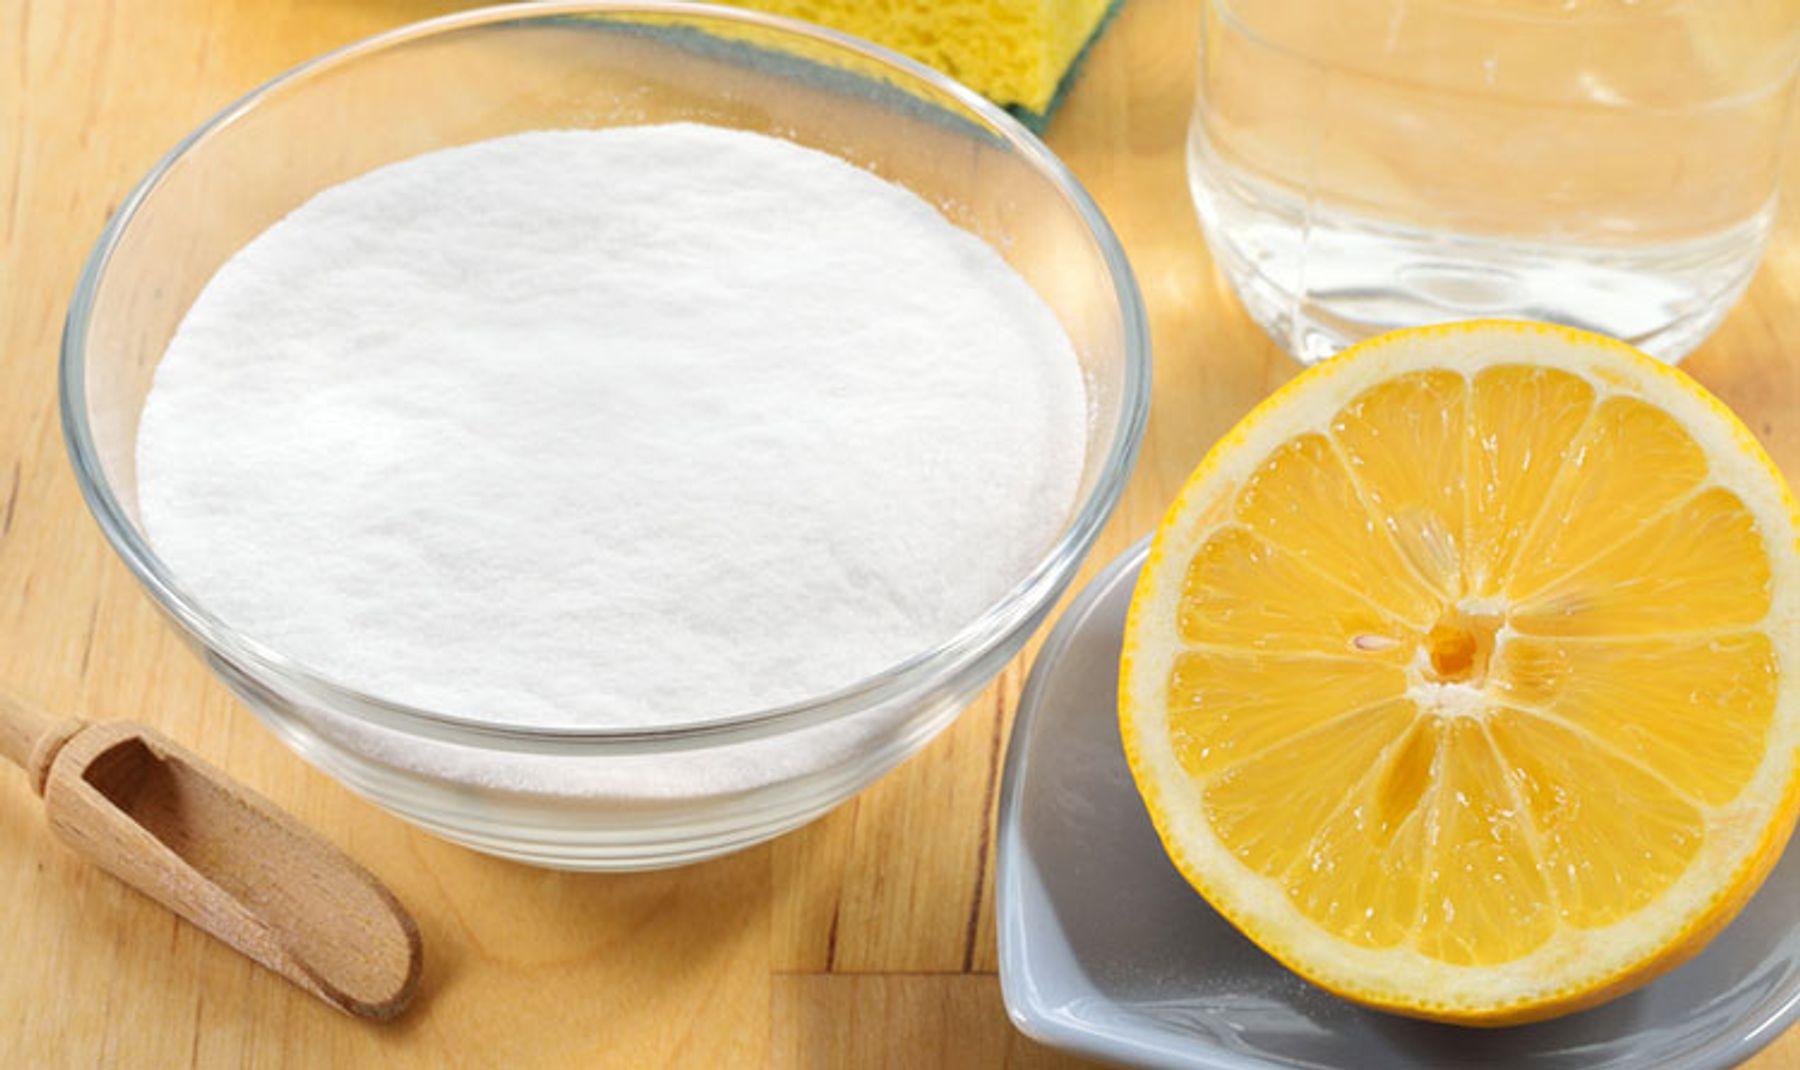 Cách tẩy áo trắng bị ố vàng bằng bột giặt + chanh